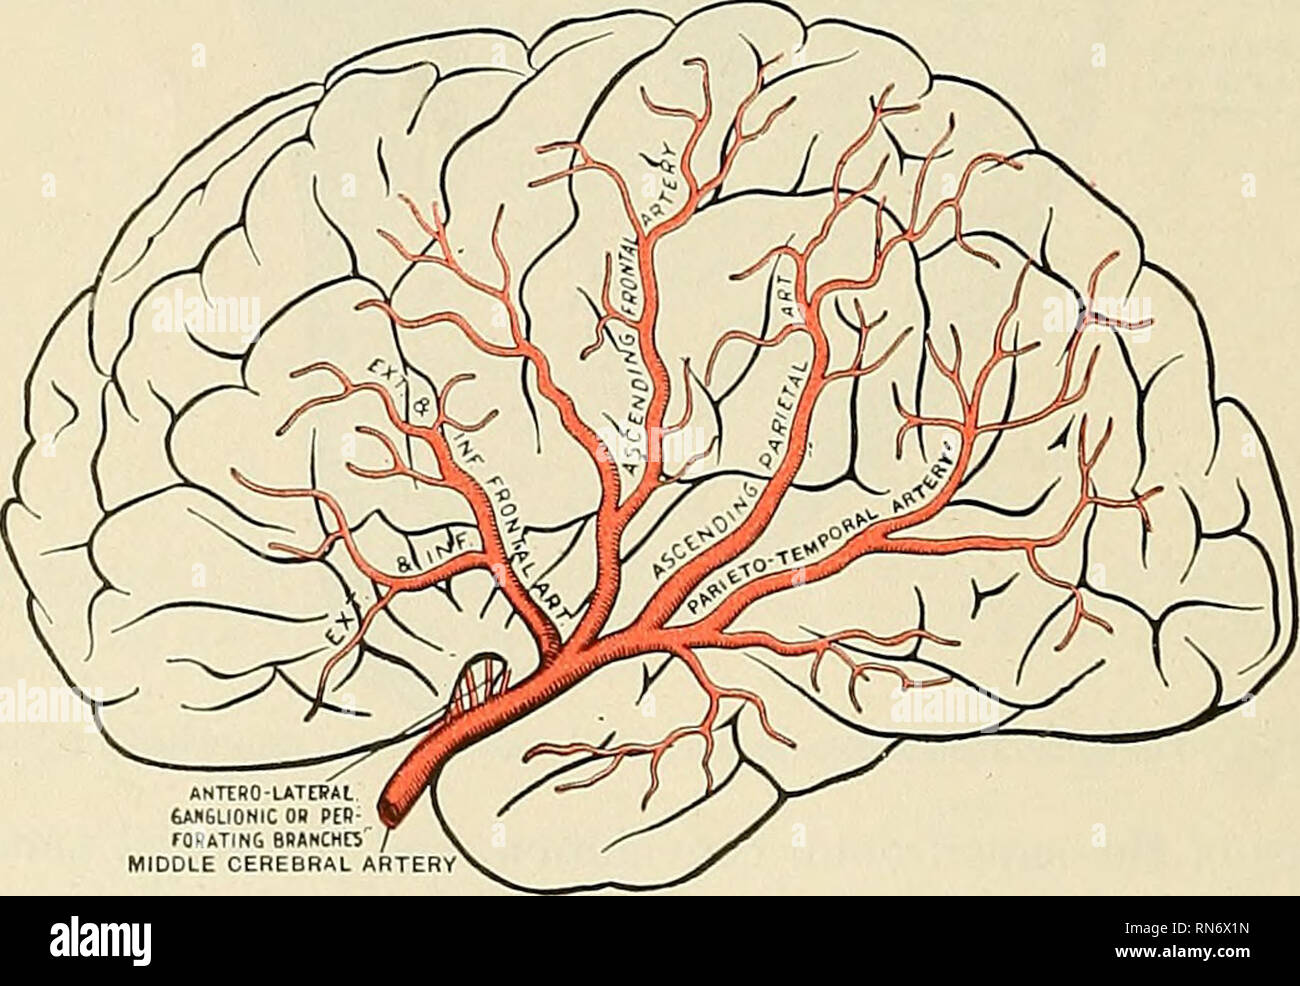 Middle Cerebral Artery Stock Photos Middle Cerebral Artery Stock